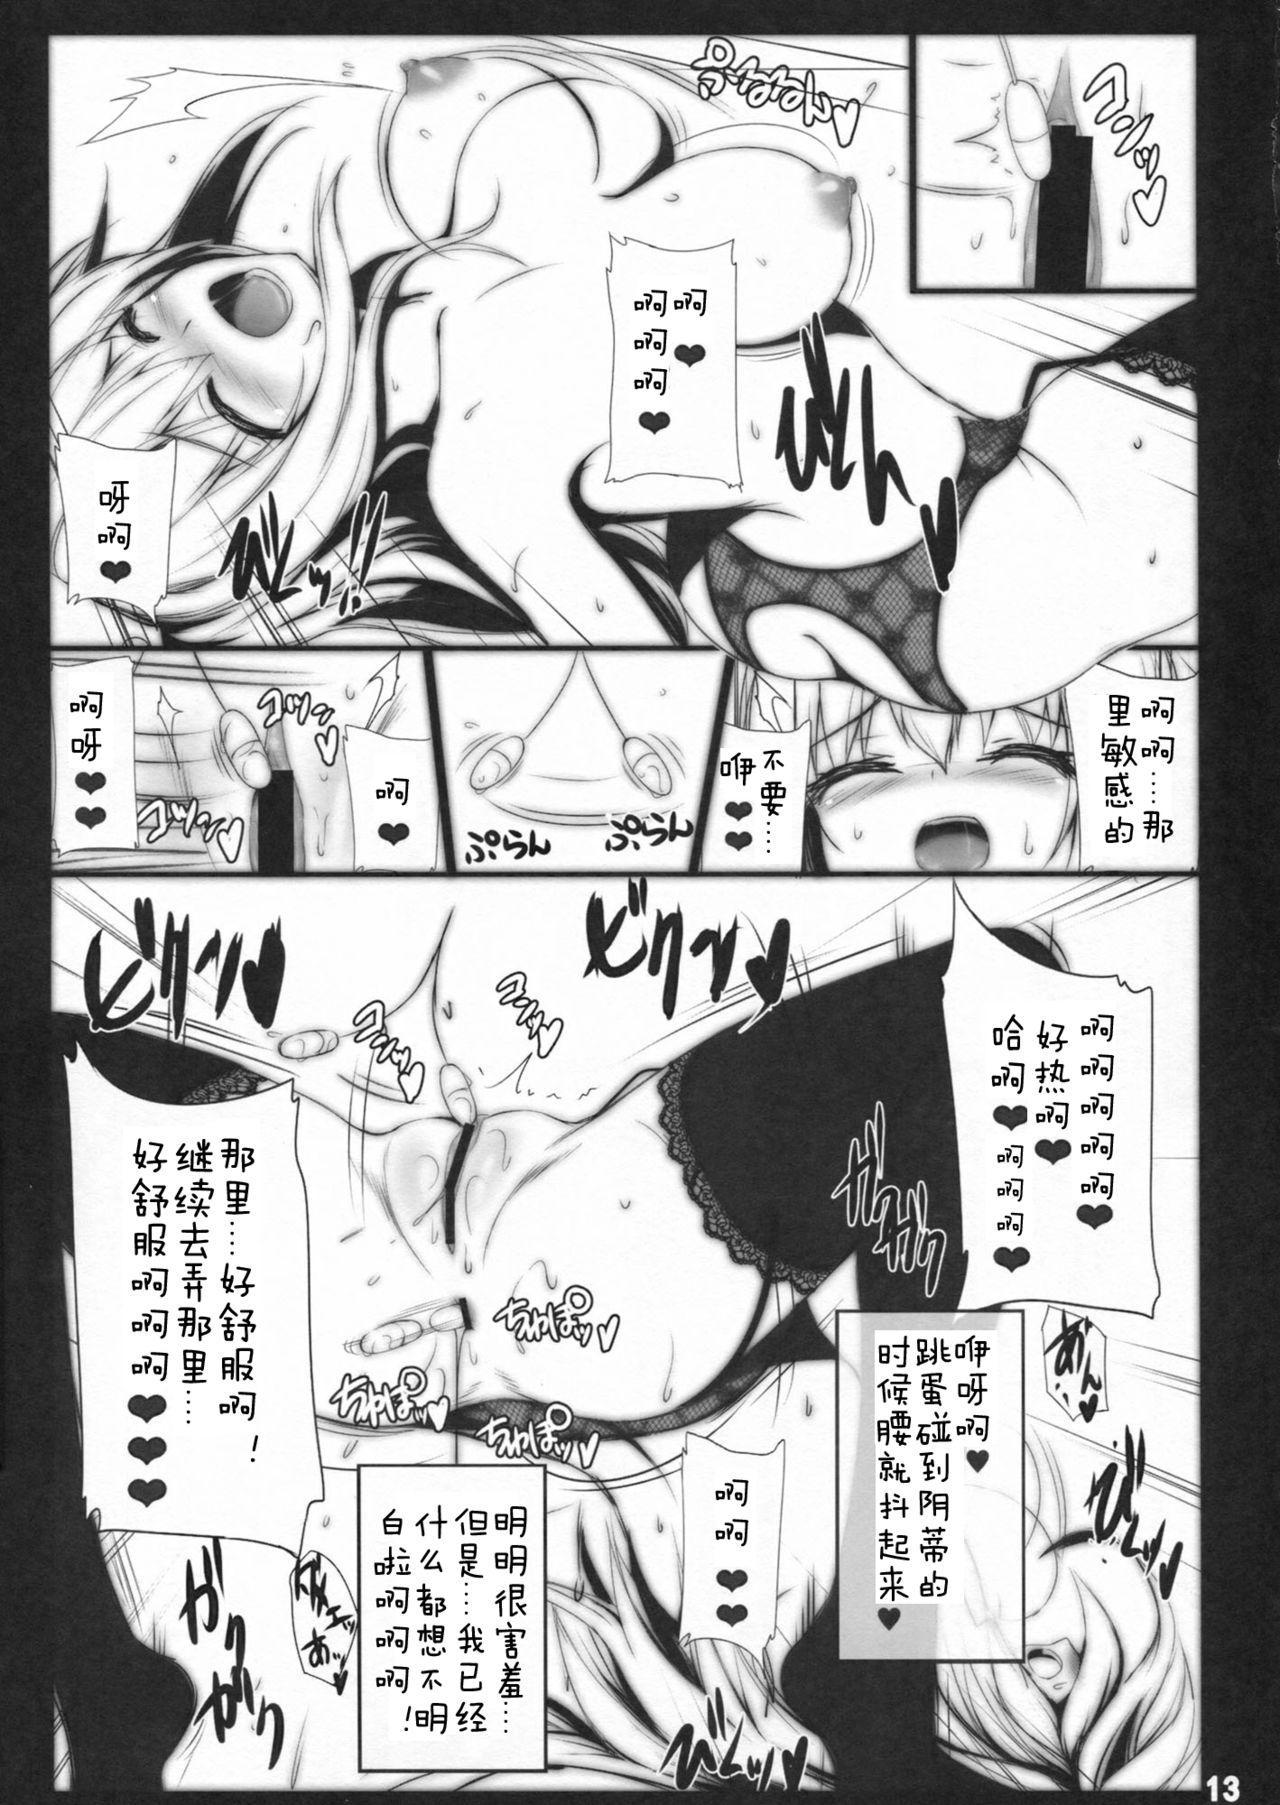 Mayonaka no Teiki Kenshin Reverse 11